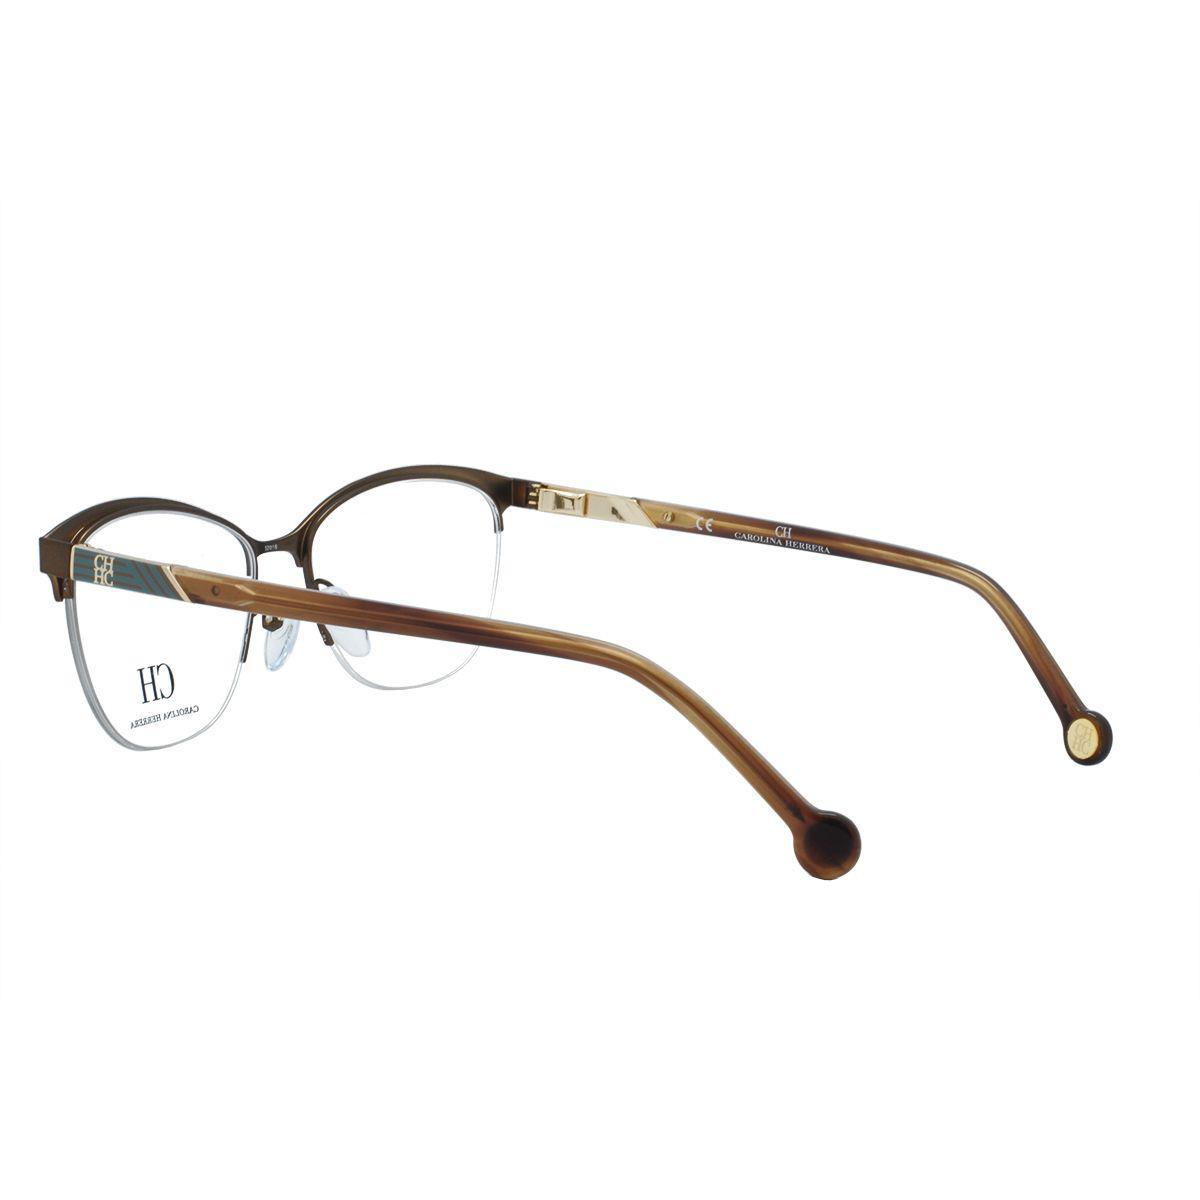 5ff4db8dd4a29 Óculos de Grau Carolina Herrera Fio De Nylon Feminino VHE123 0R10 - Metal  Dourado R  804